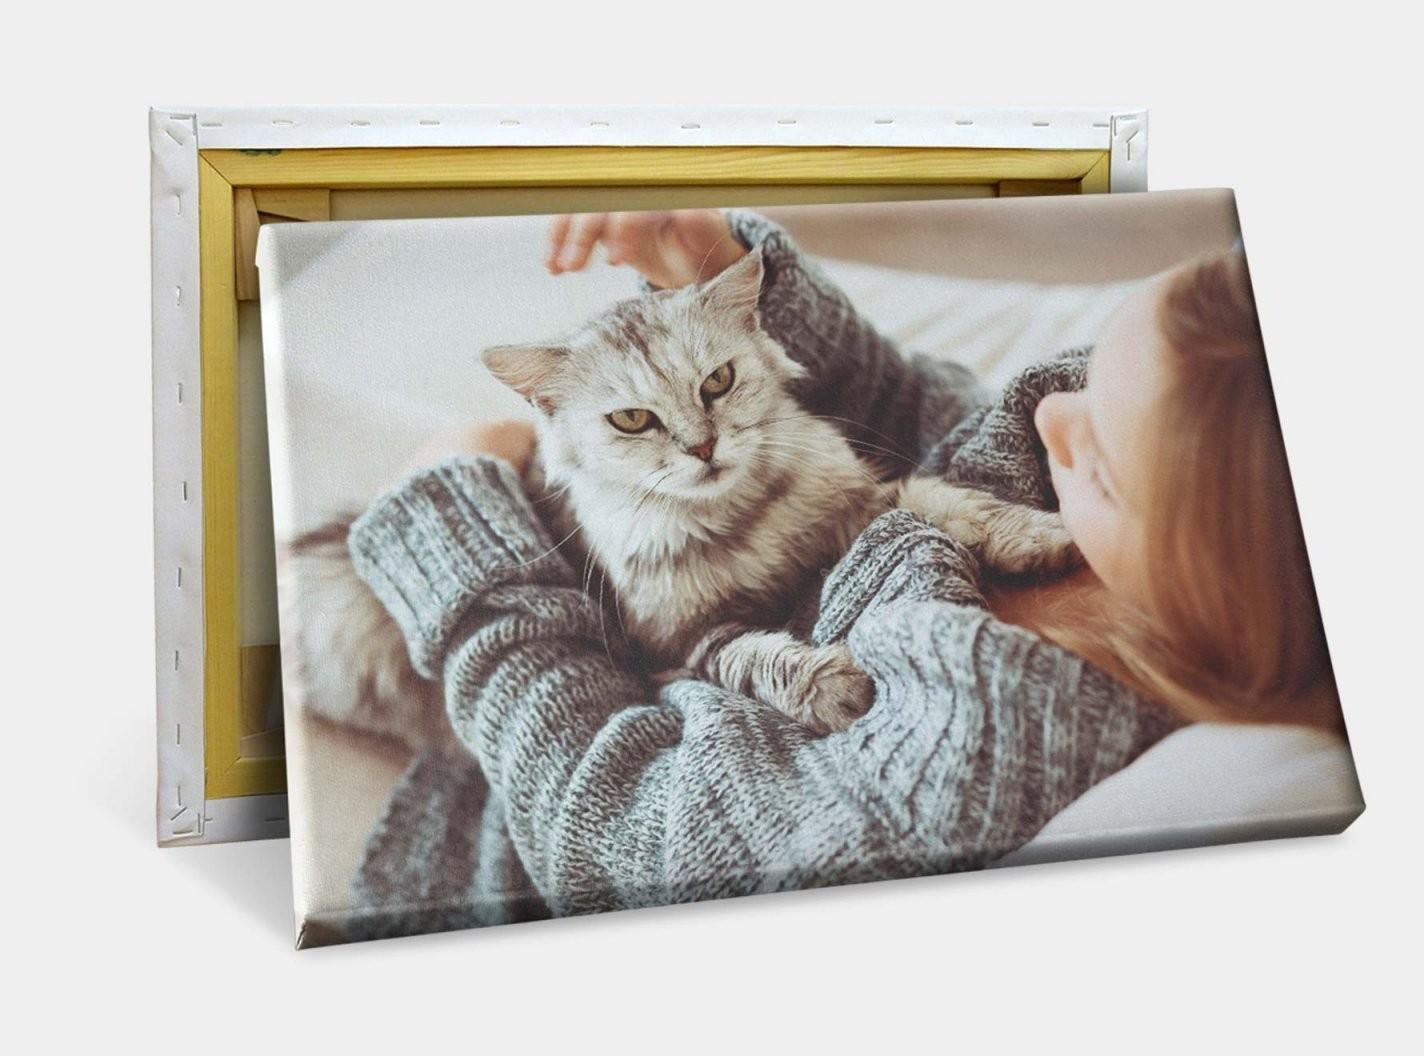 Foto Auf Leinwand Drucken Lassen  Wandbilder Auf Leinwand  Fotokasten von Leinwand Collage Erstellen Günstig Bild